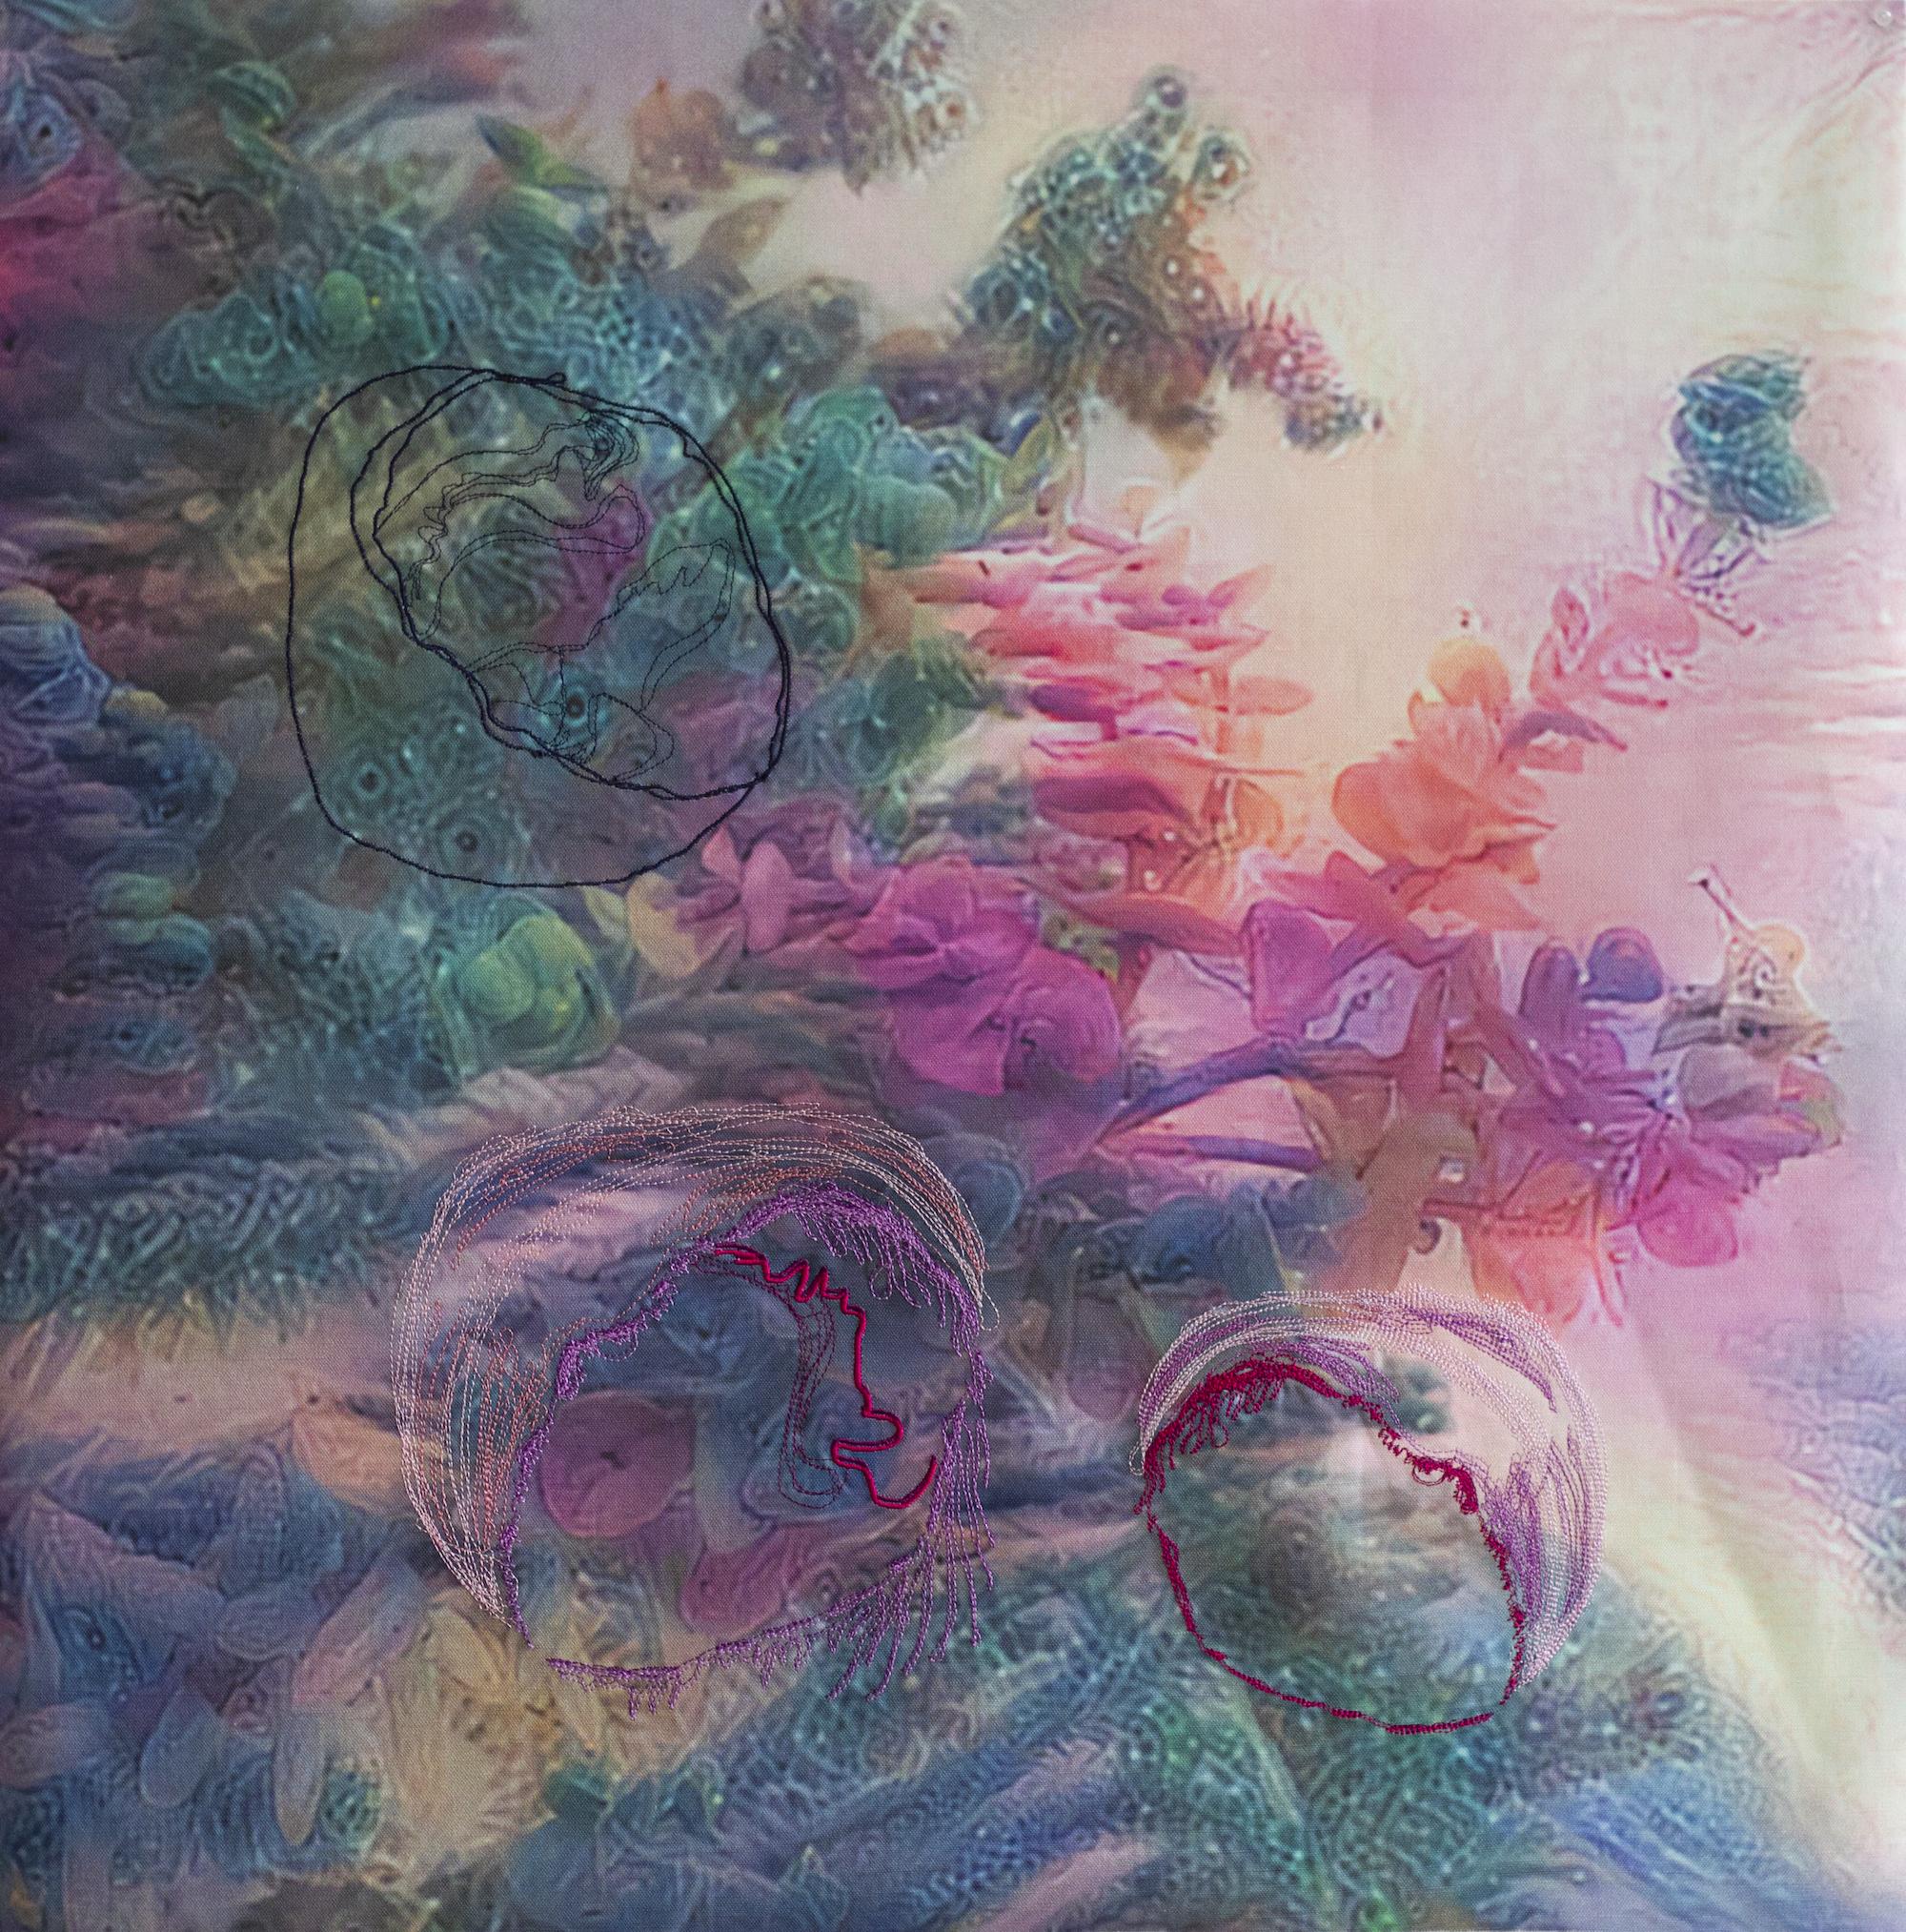 Gretta Louw, In this organism, singular and plural, digitale Stickereien, digitaler Druck auf Leinen und Wachs, 61 x 61 cm, 2021